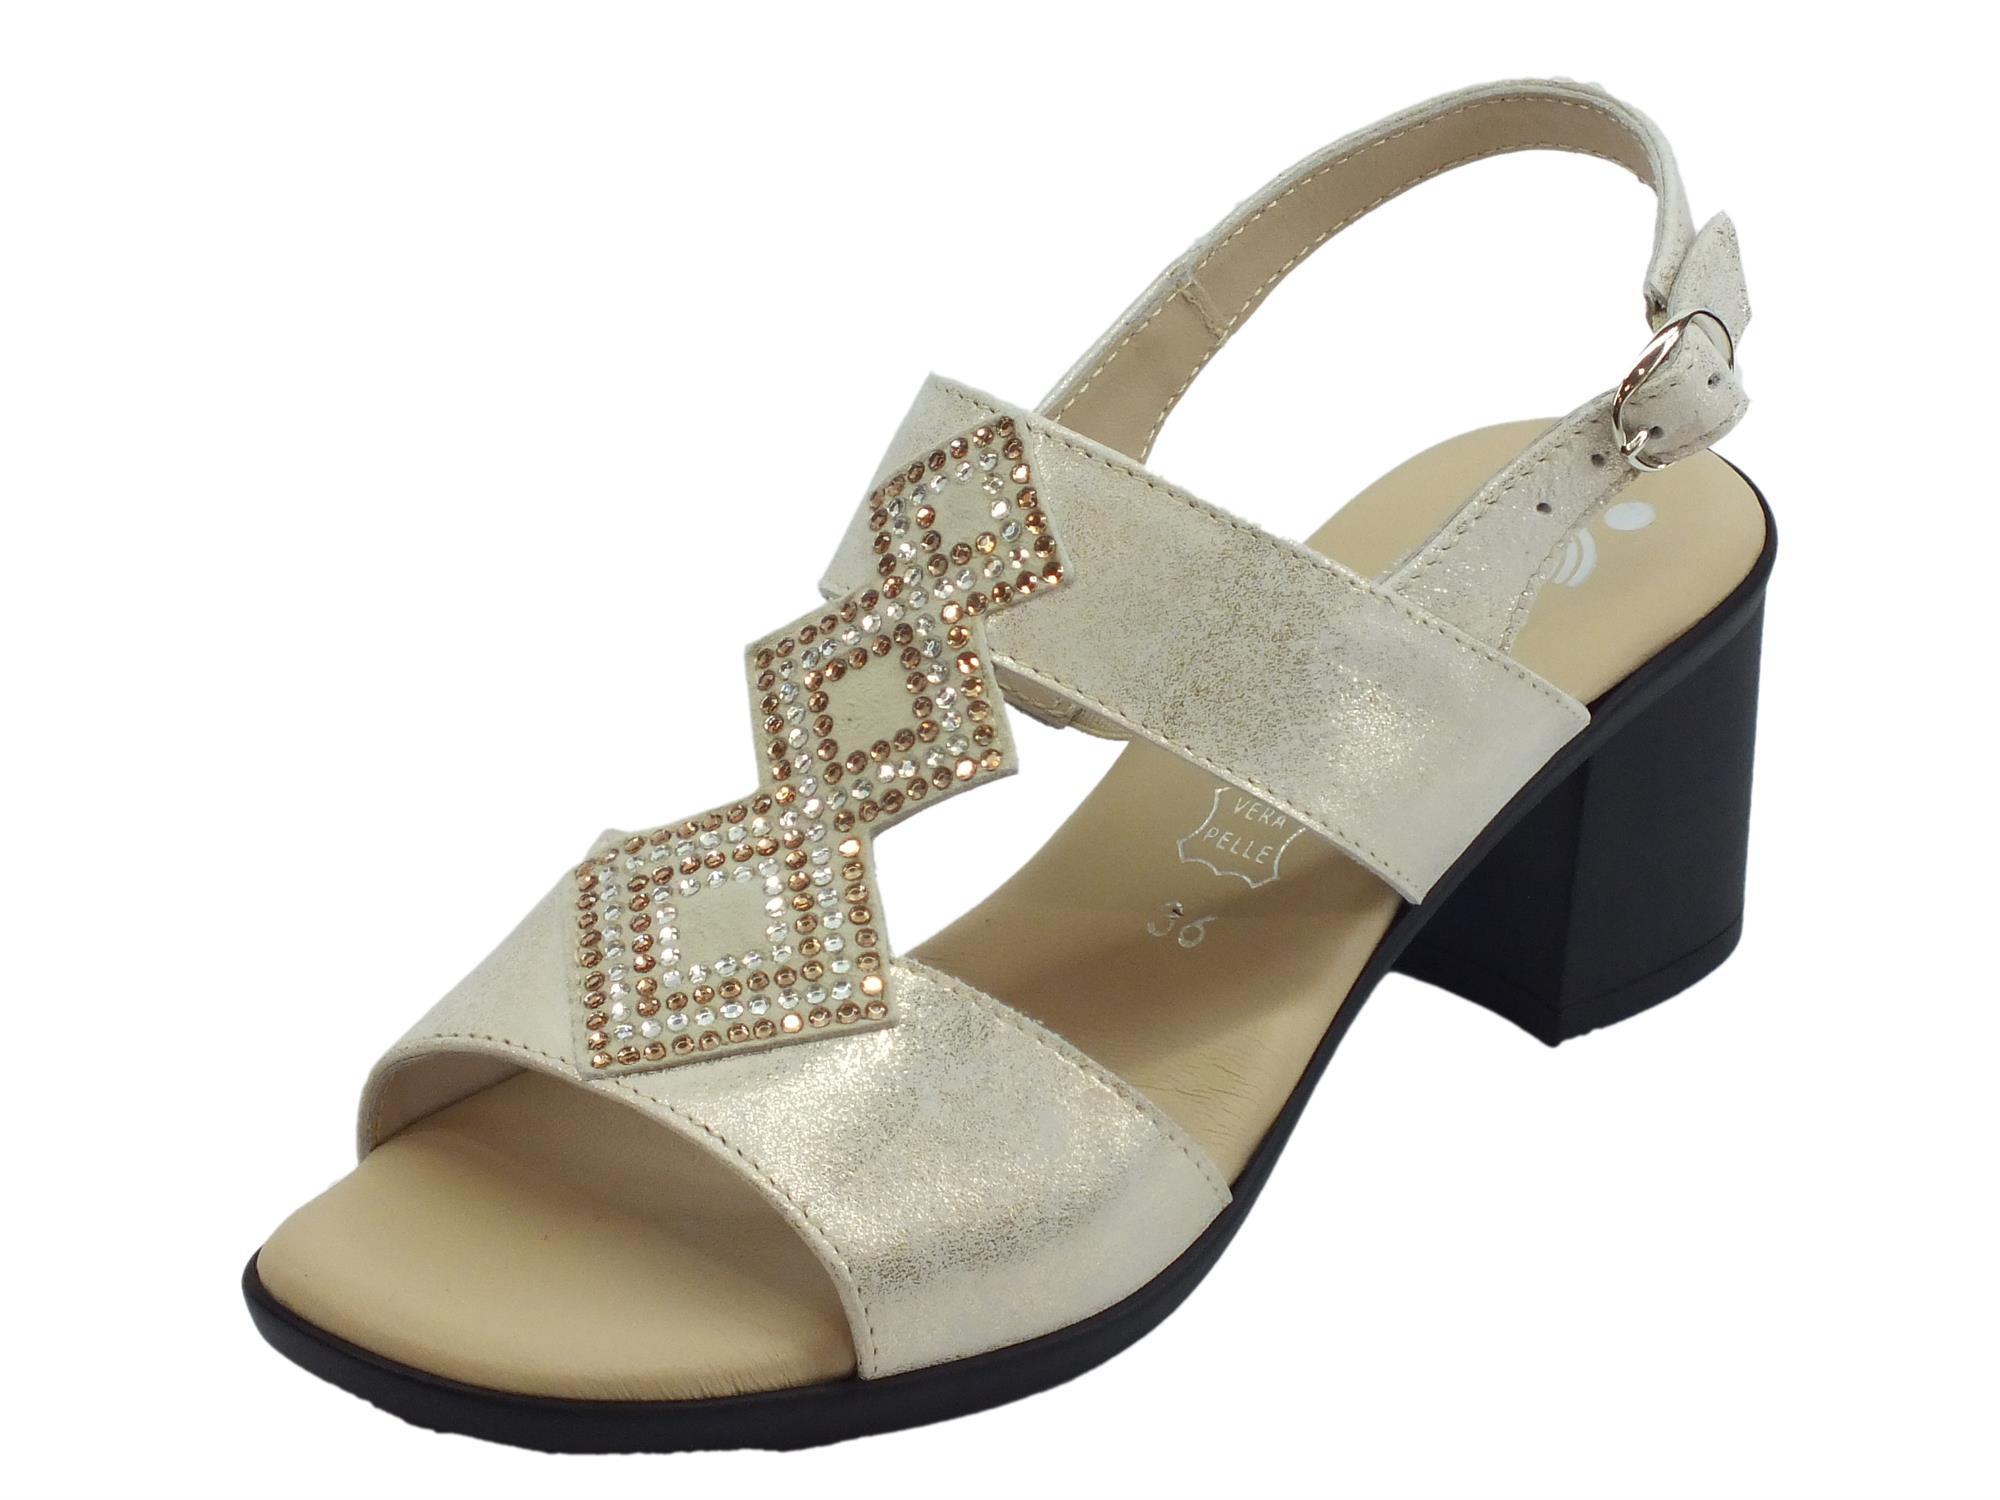 info for c6641 35071 Susimoda Sandali per donna in vera pelle platino con brillantini